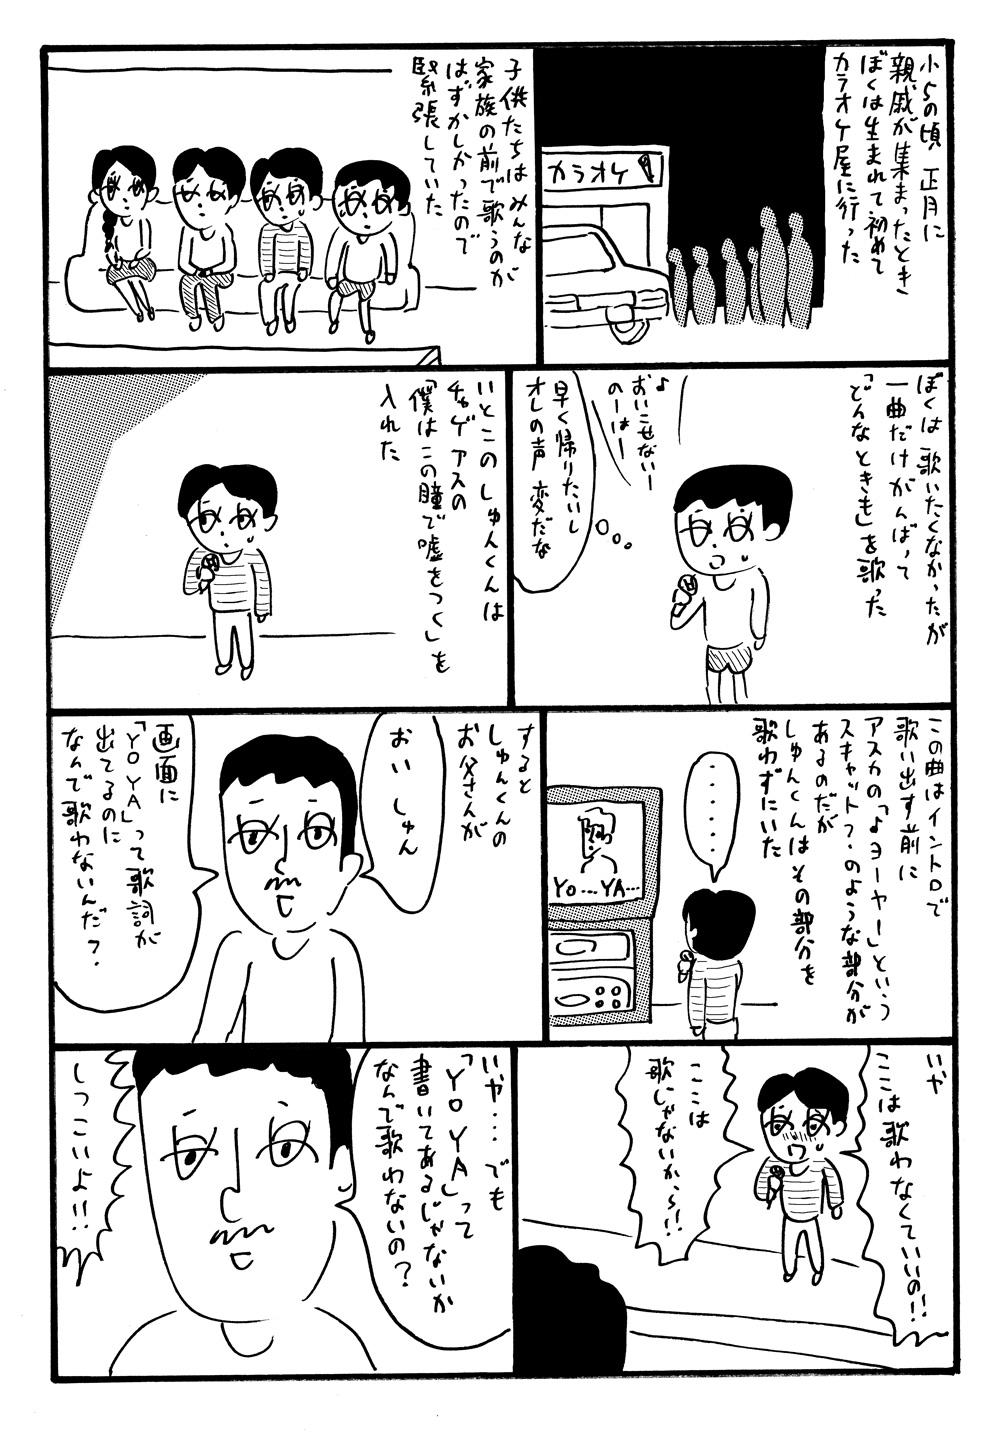 oohashi-005